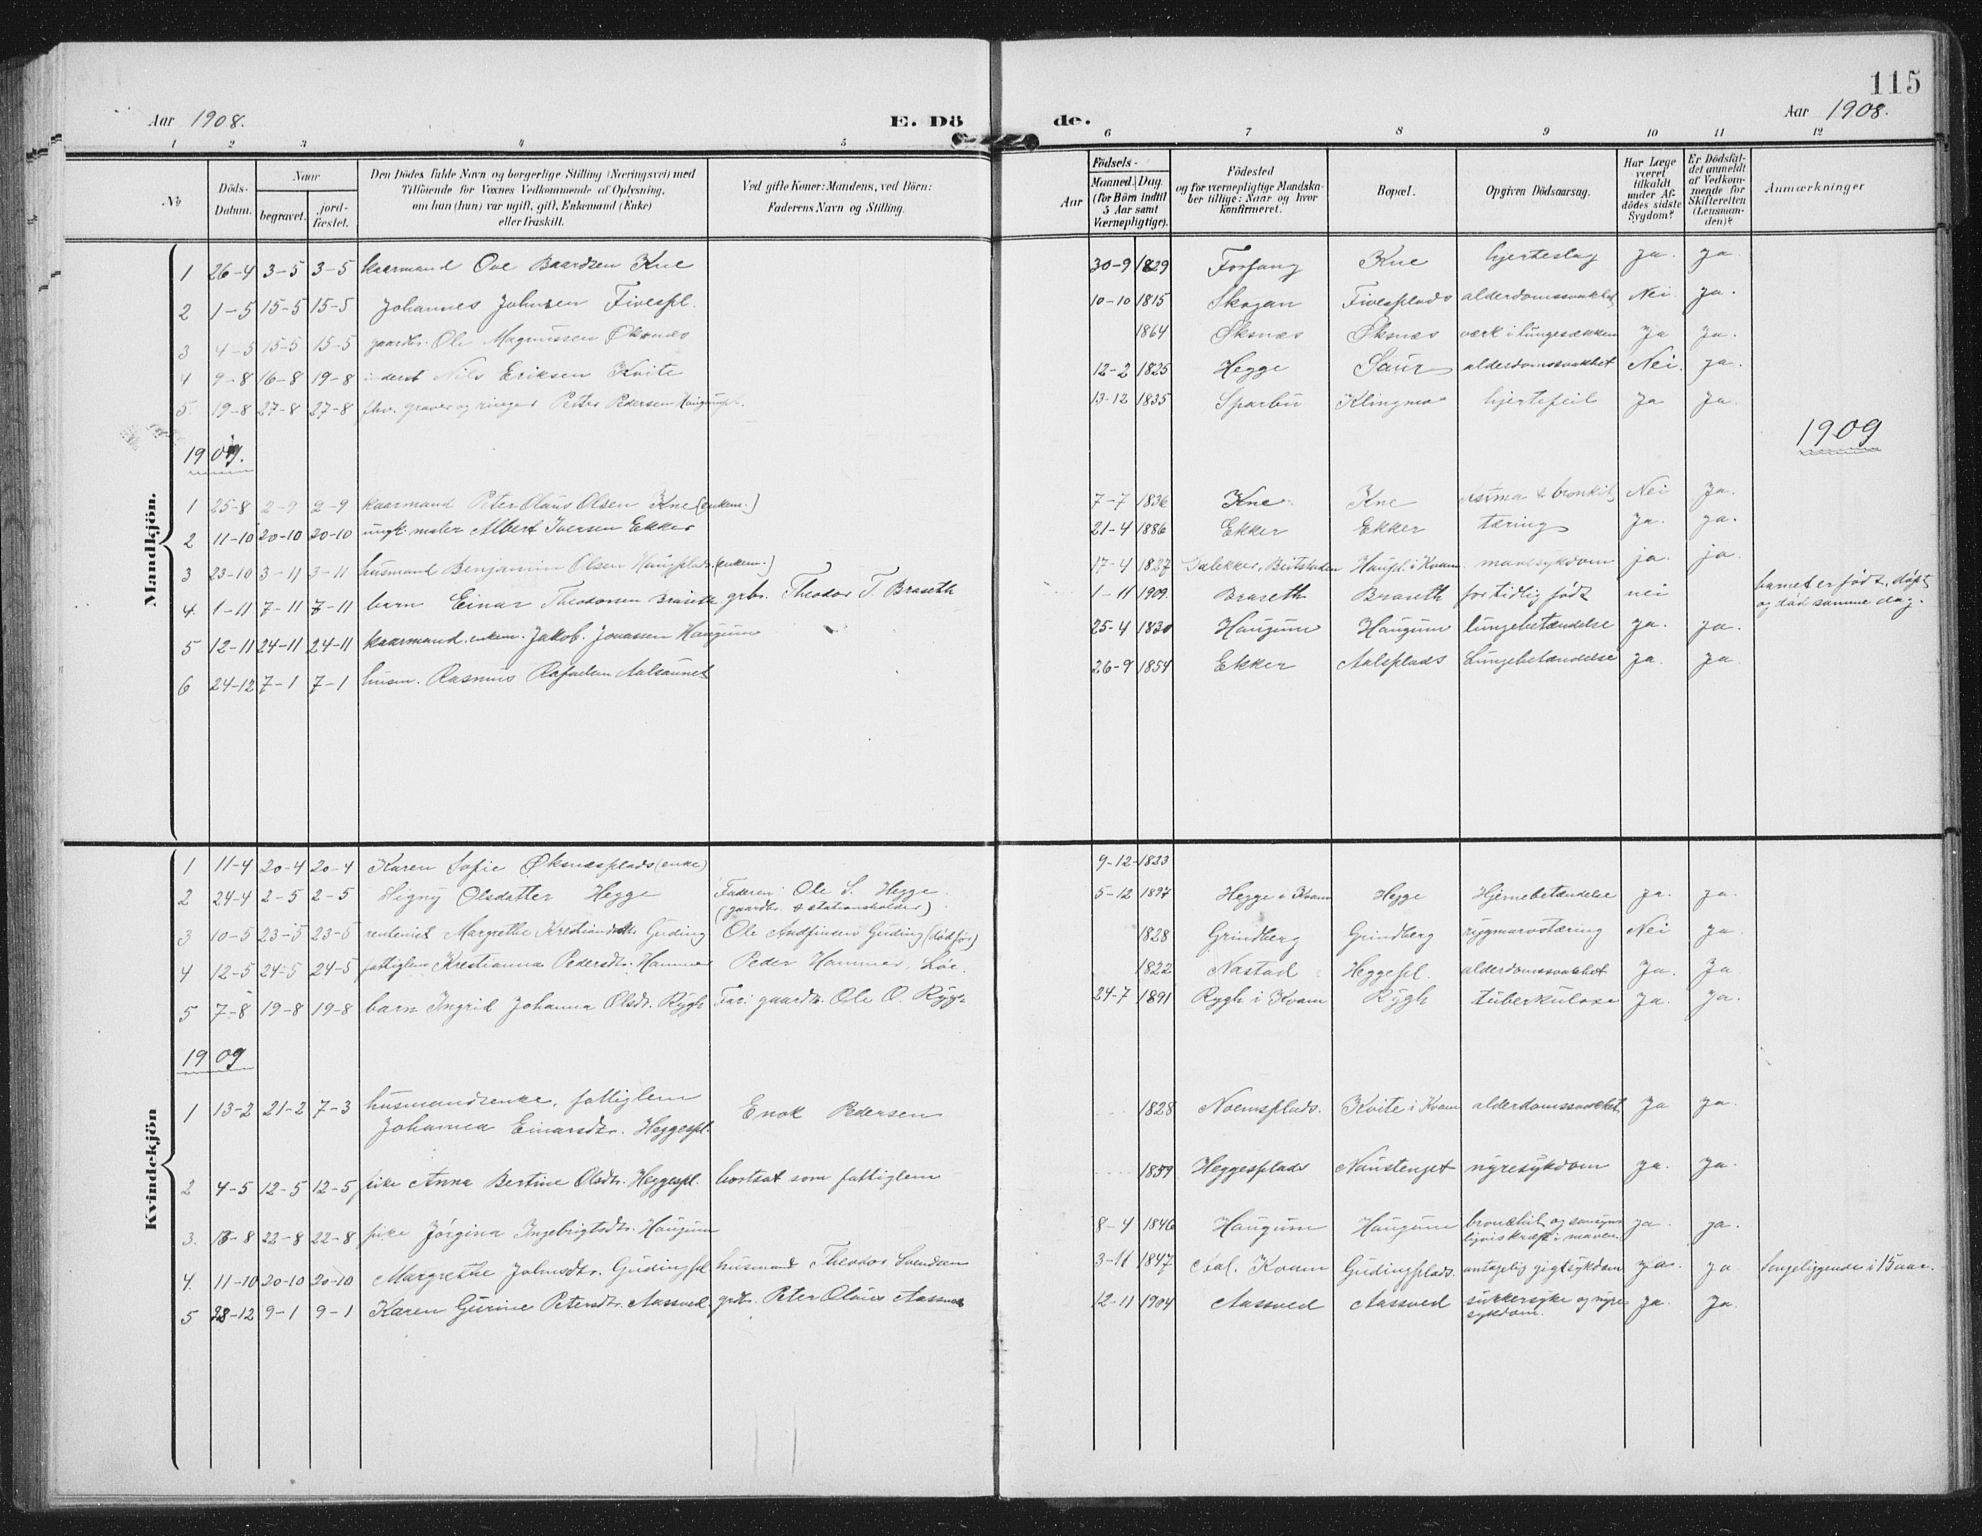 SAT, Ministerialprotokoller, klokkerbøker og fødselsregistre - Nord-Trøndelag, 747/L0460: Klokkerbok nr. 747C02, 1908-1939, s. 115